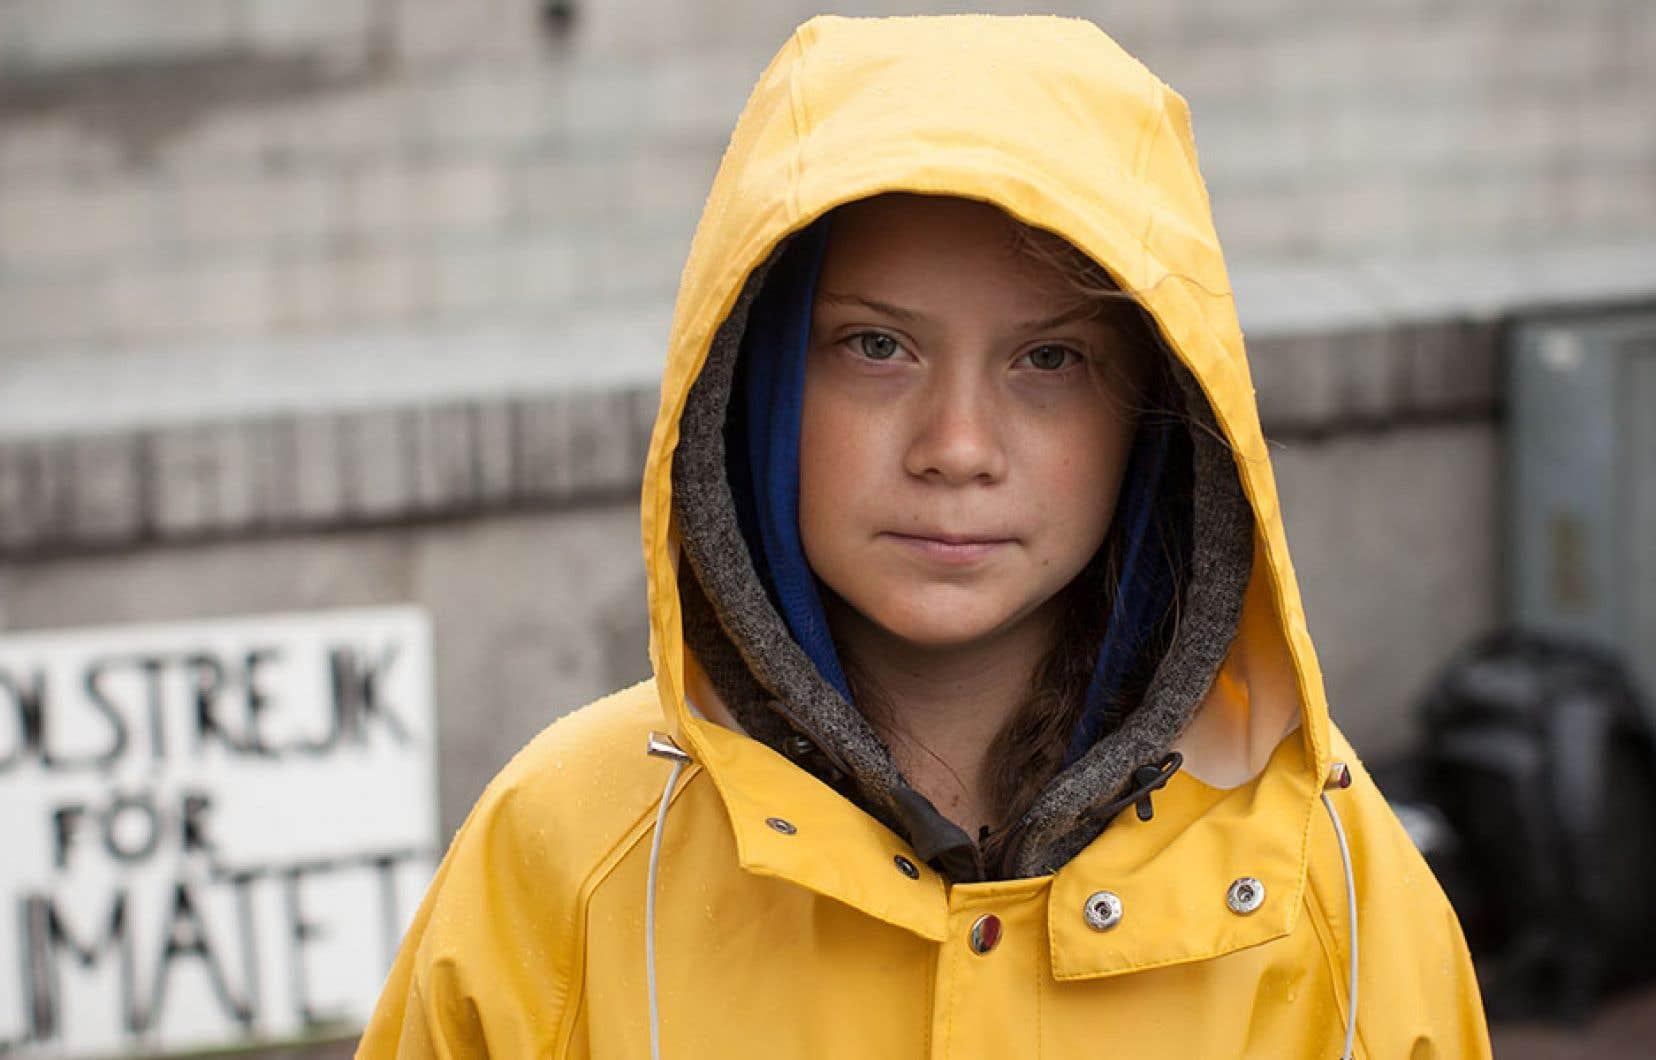 Le cinéaste a suivi pour son film la militante depuis ses premières grèves scolaires en 2018, à 15ans.